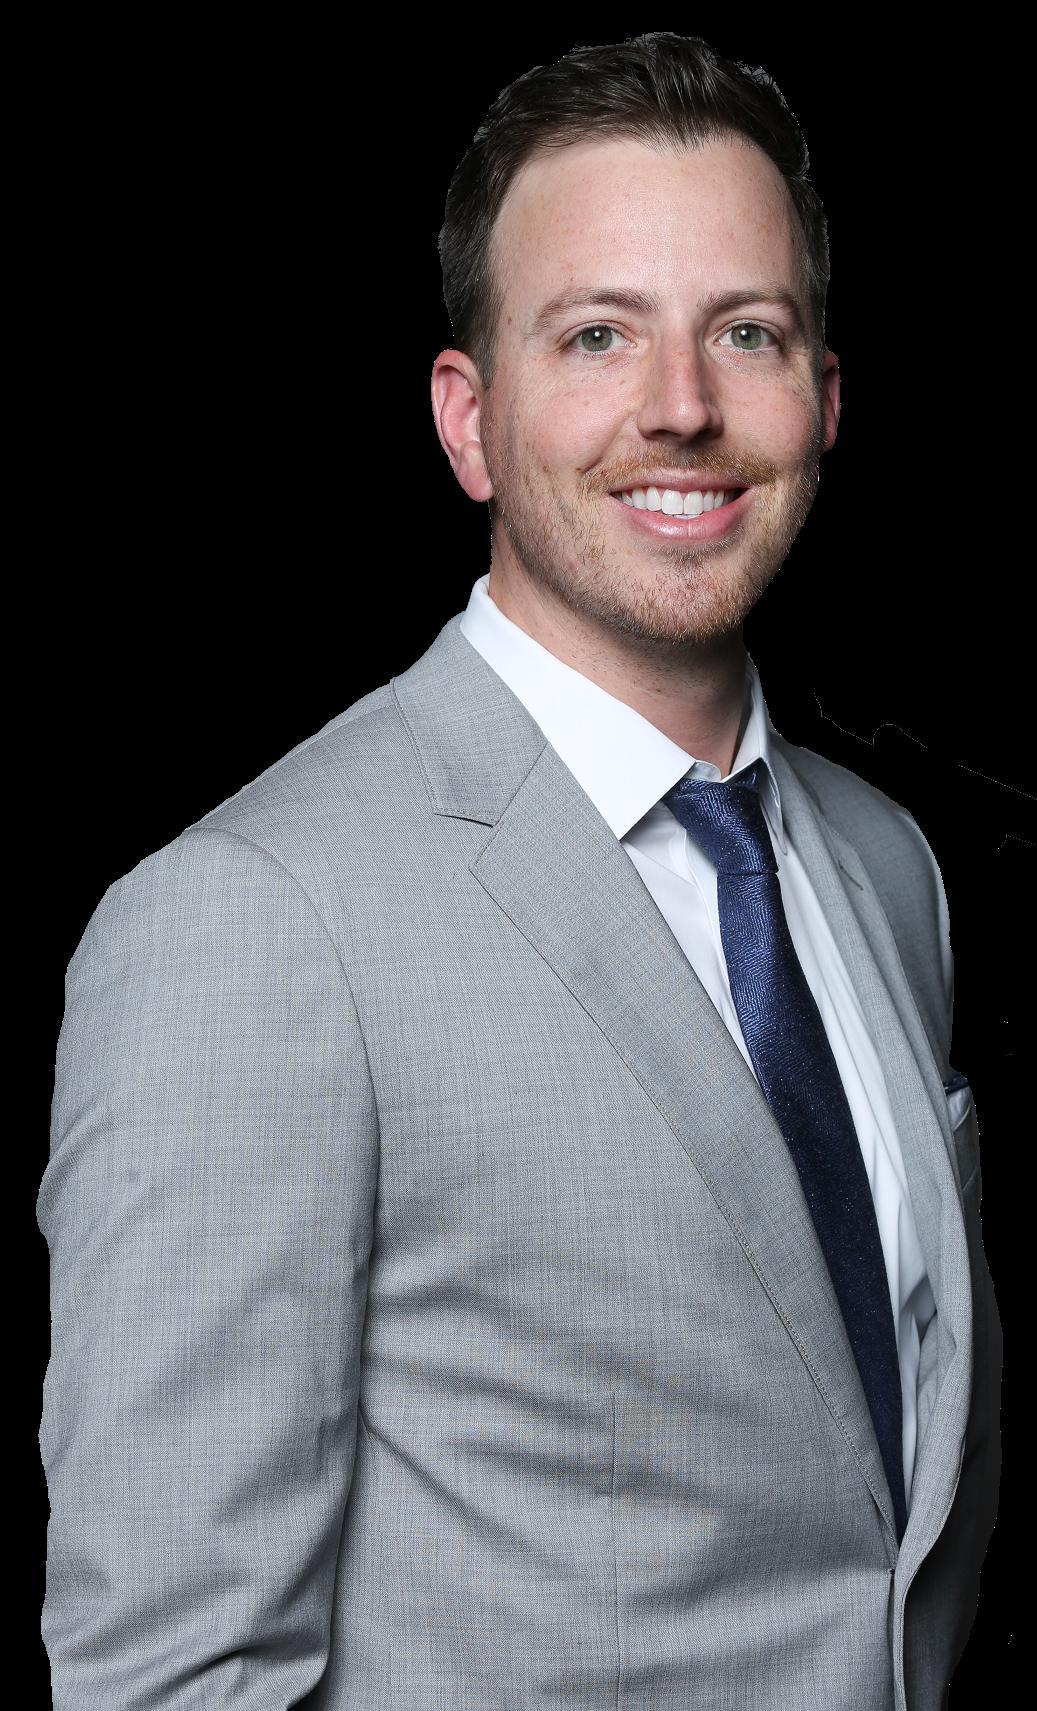 Will Palmer Digital Marketing Coach - KyteStrings